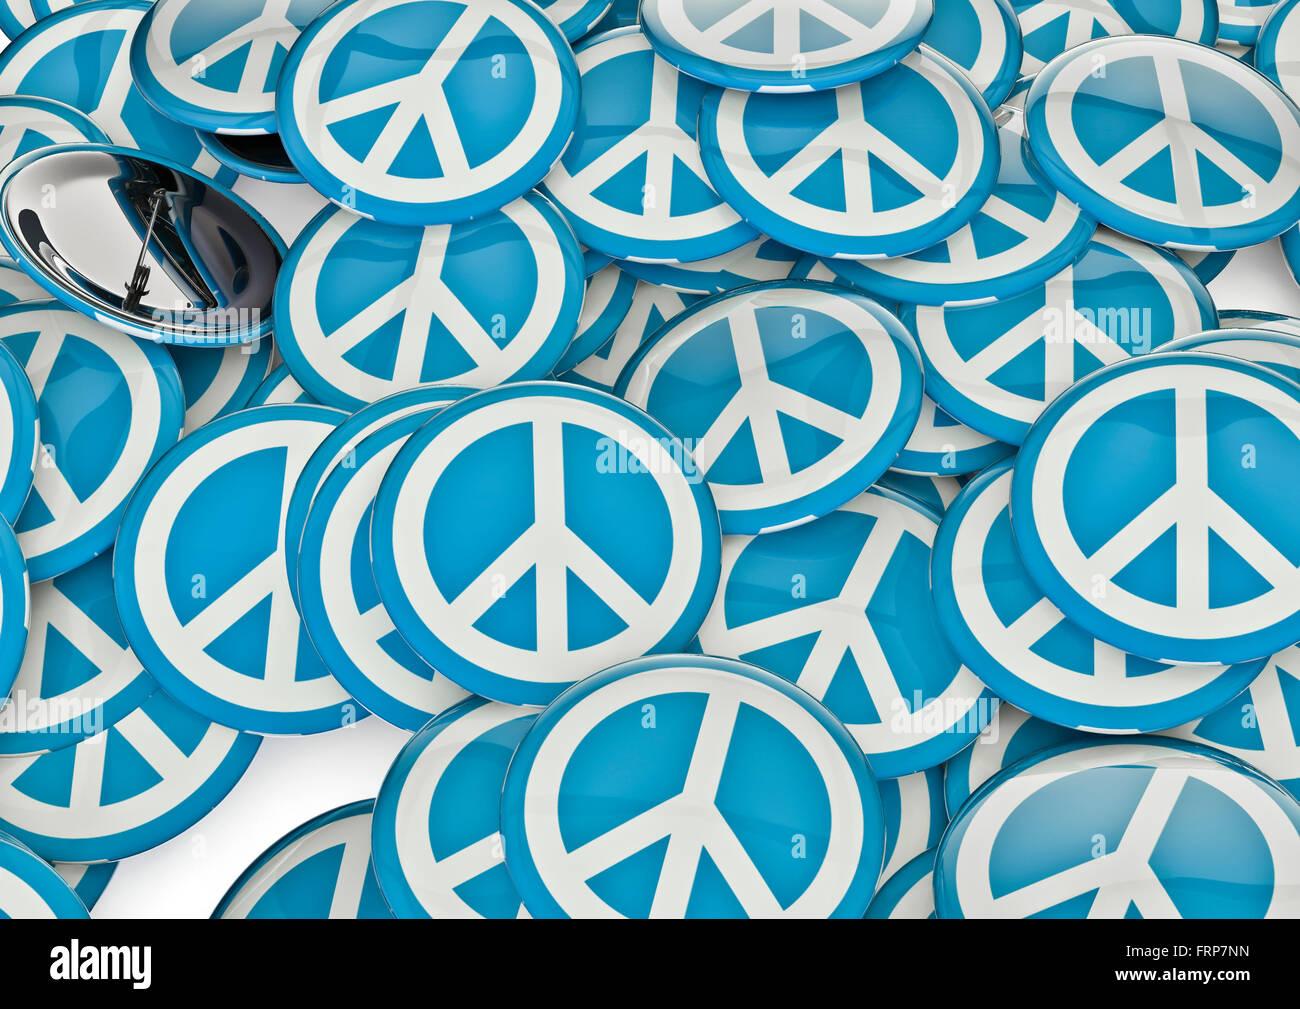 Frieden-Abzeichen / 3D-Render metallische Abzeichen mit Friedenssymbol Stockbild